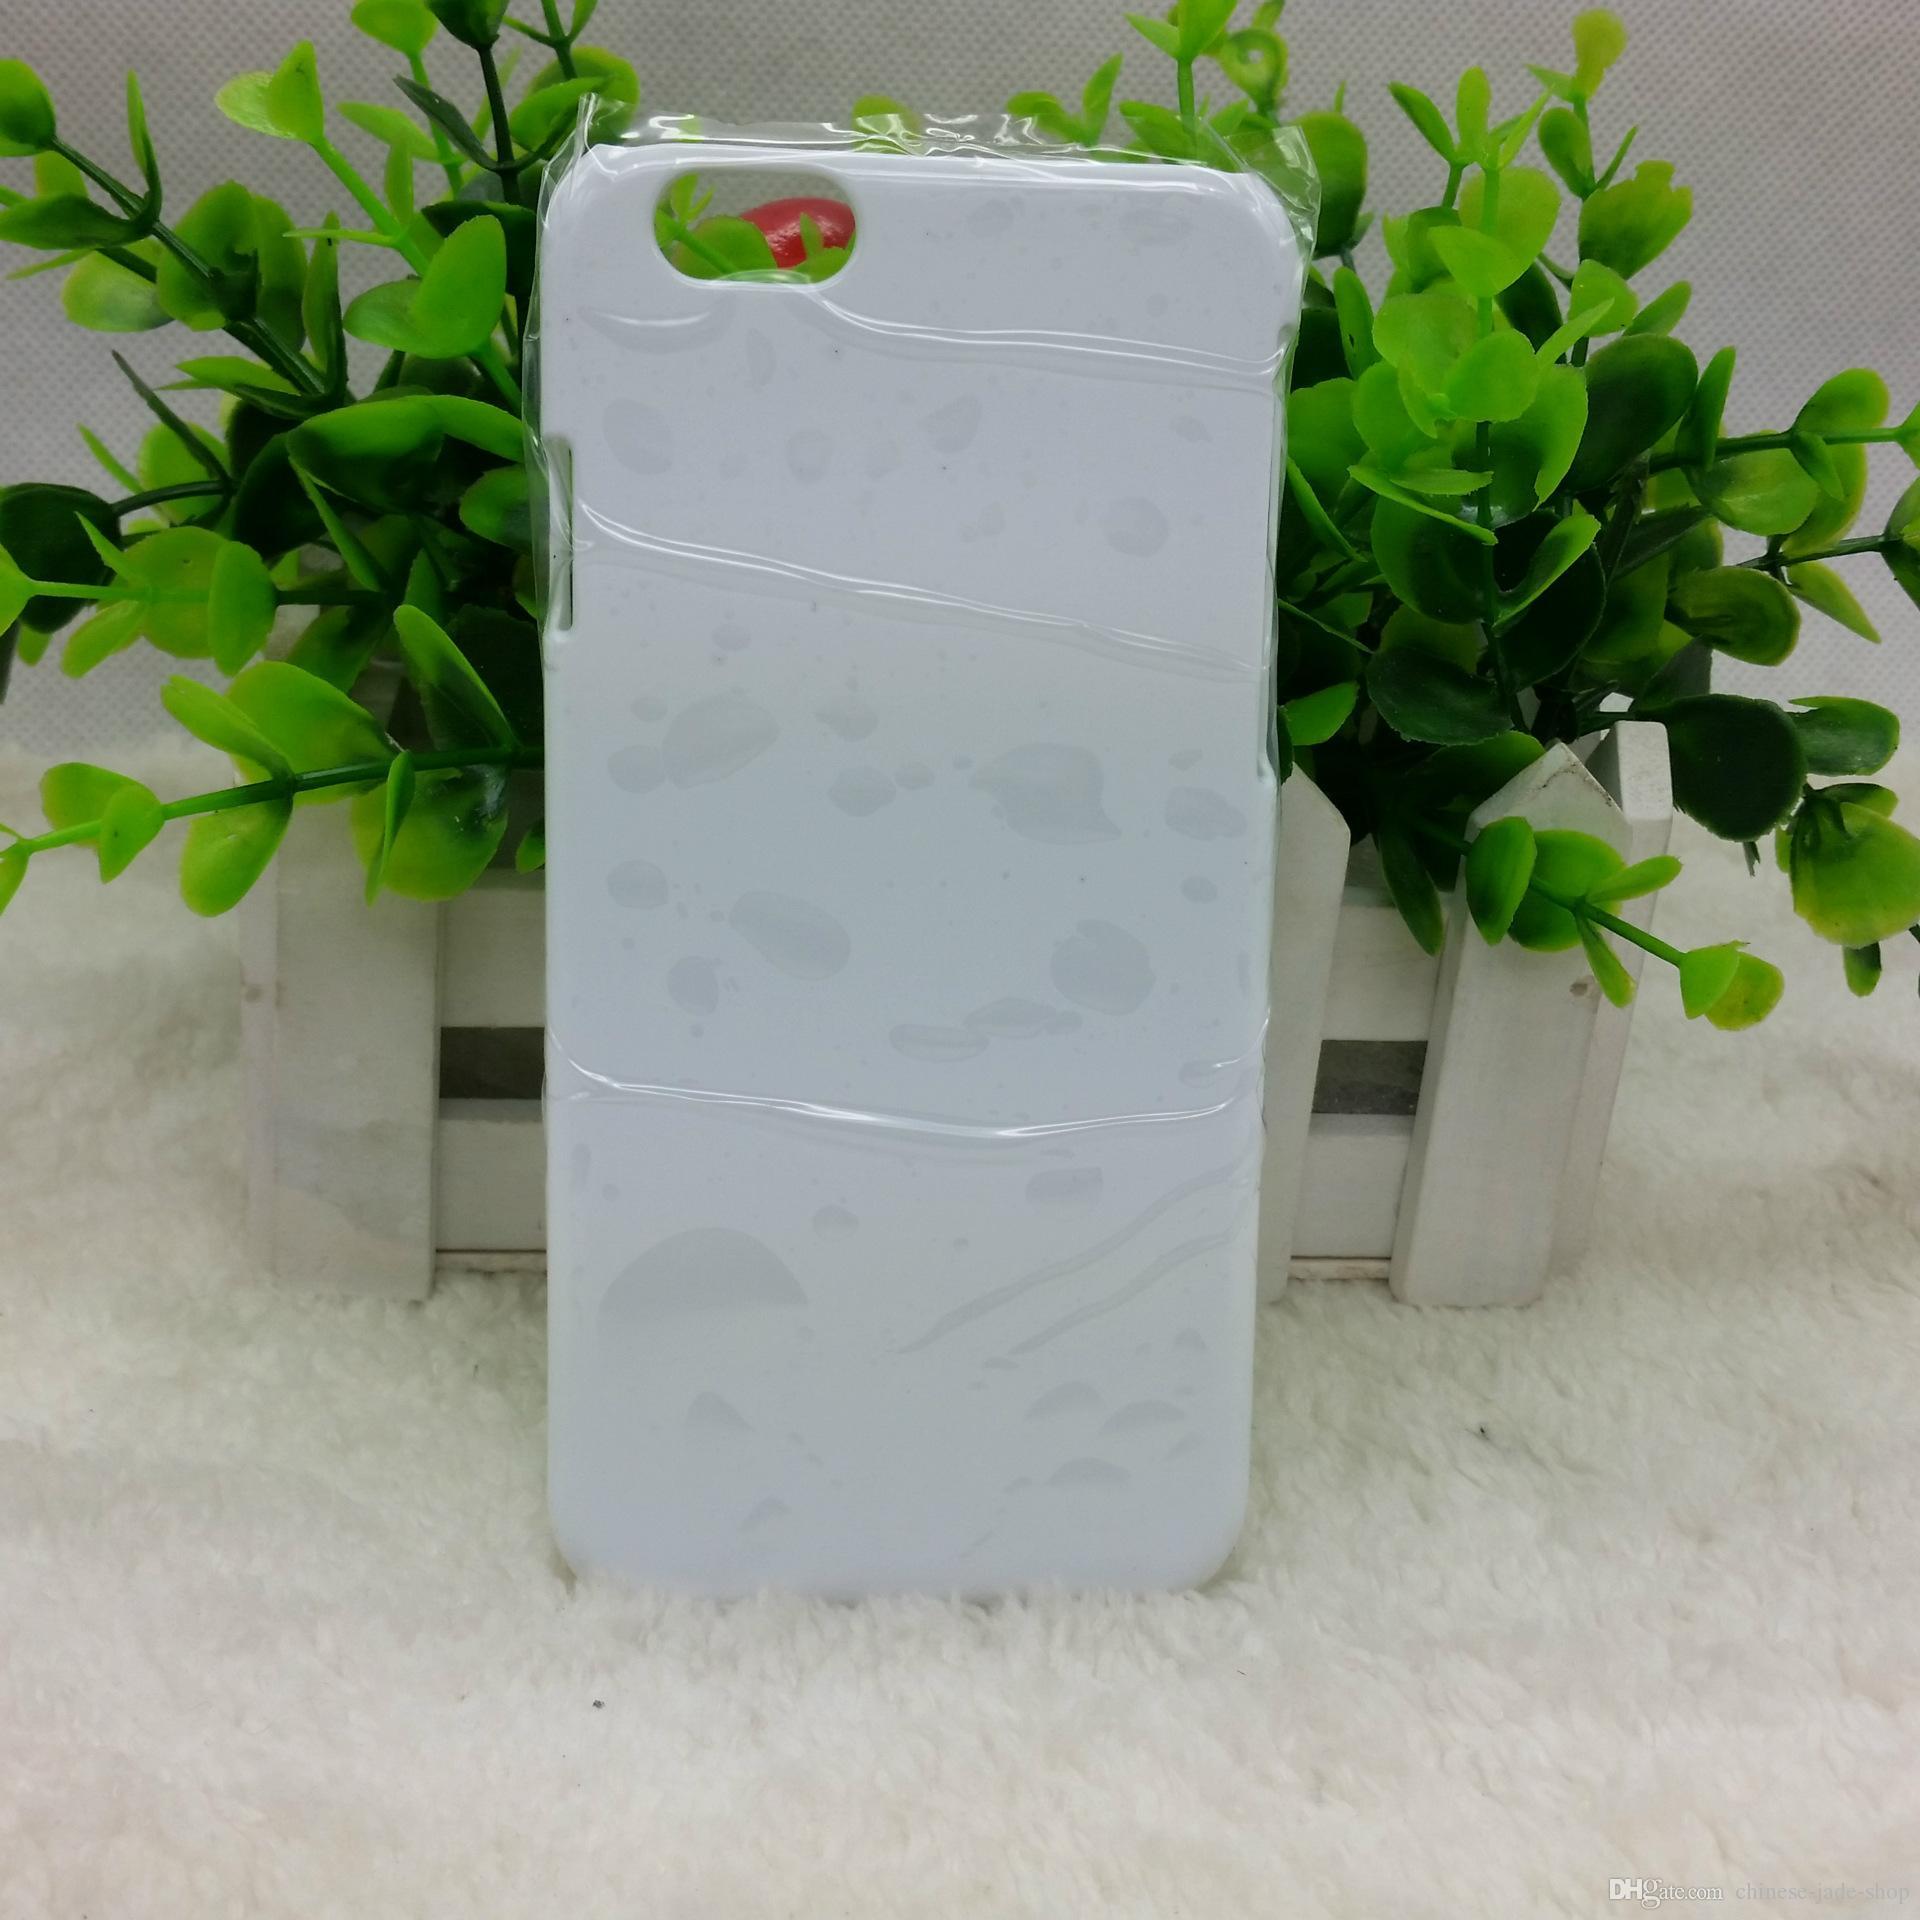 DIY 3D Blank Sublimation Gehäusedeckel vollflächig gedruckt für iphone x XR XS XS MS MAX 5 s 5c SE 6 6 s 6 plus 7 7 8 plus Galaxy s8 s8 plus